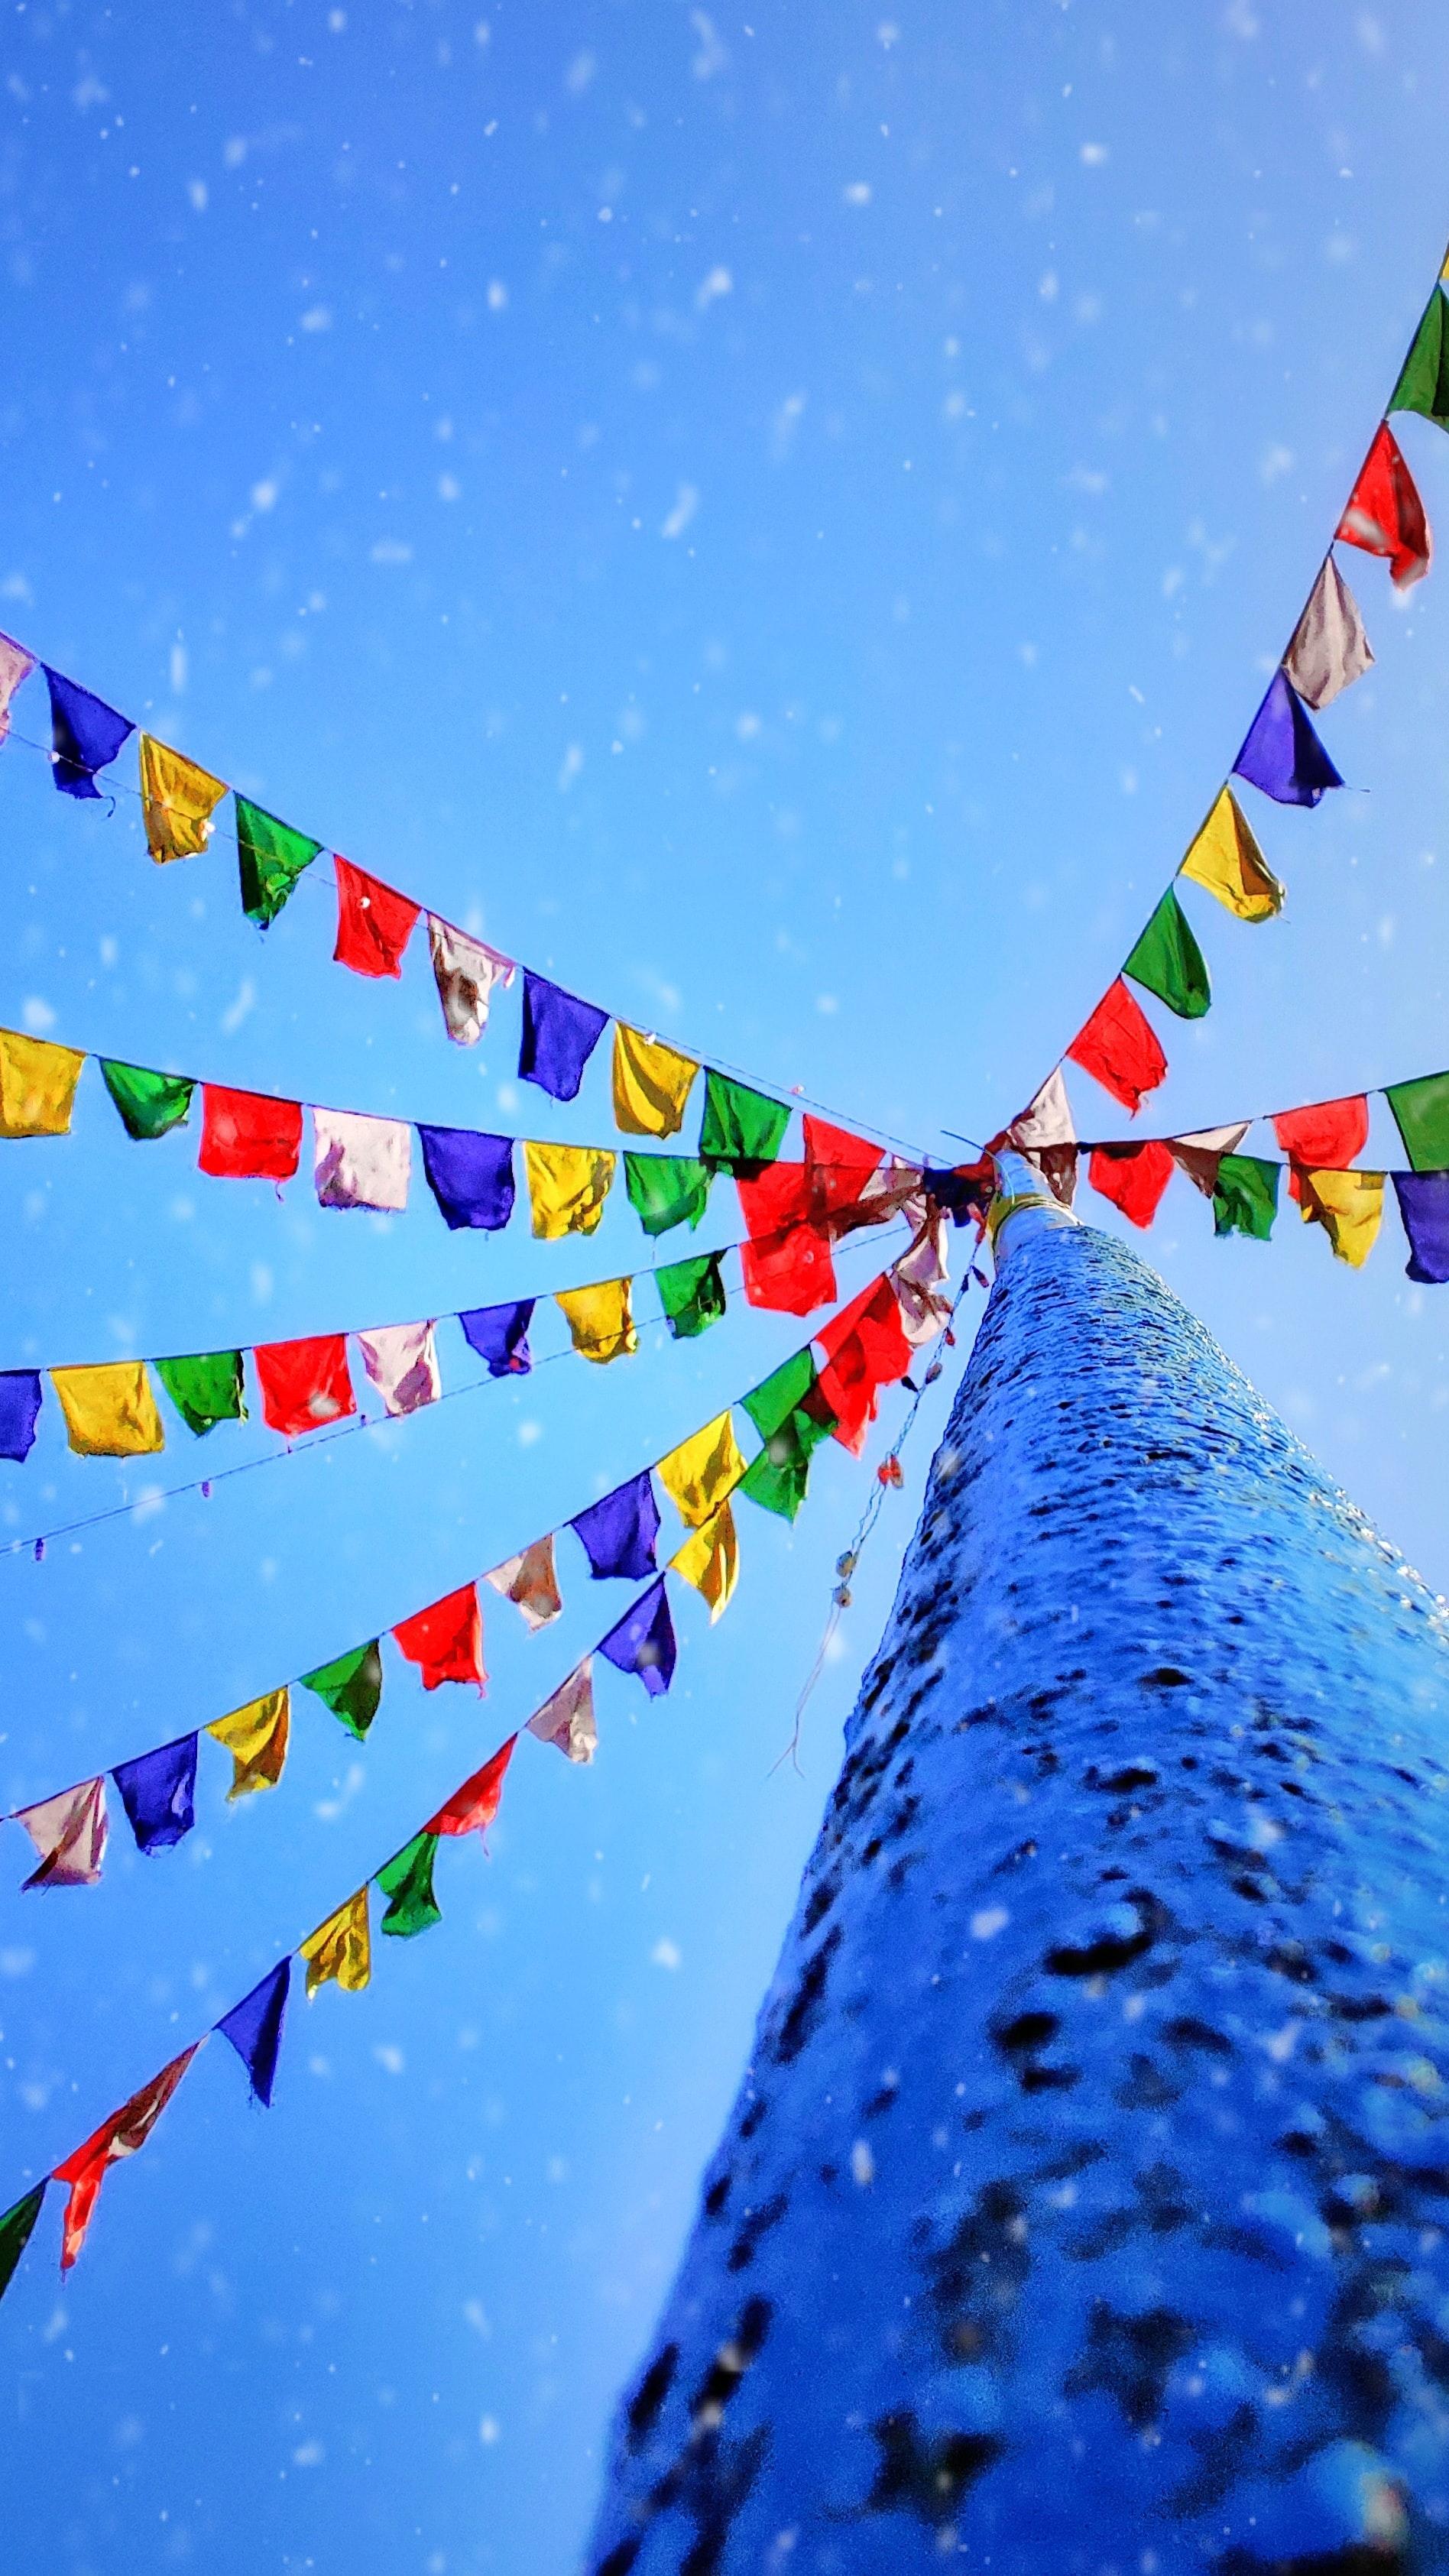 76767 Заставки и Обои Флаги на телефон. Скачать Флаги, Снег, Разное, Разноцветный, Праздник картинки бесплатно